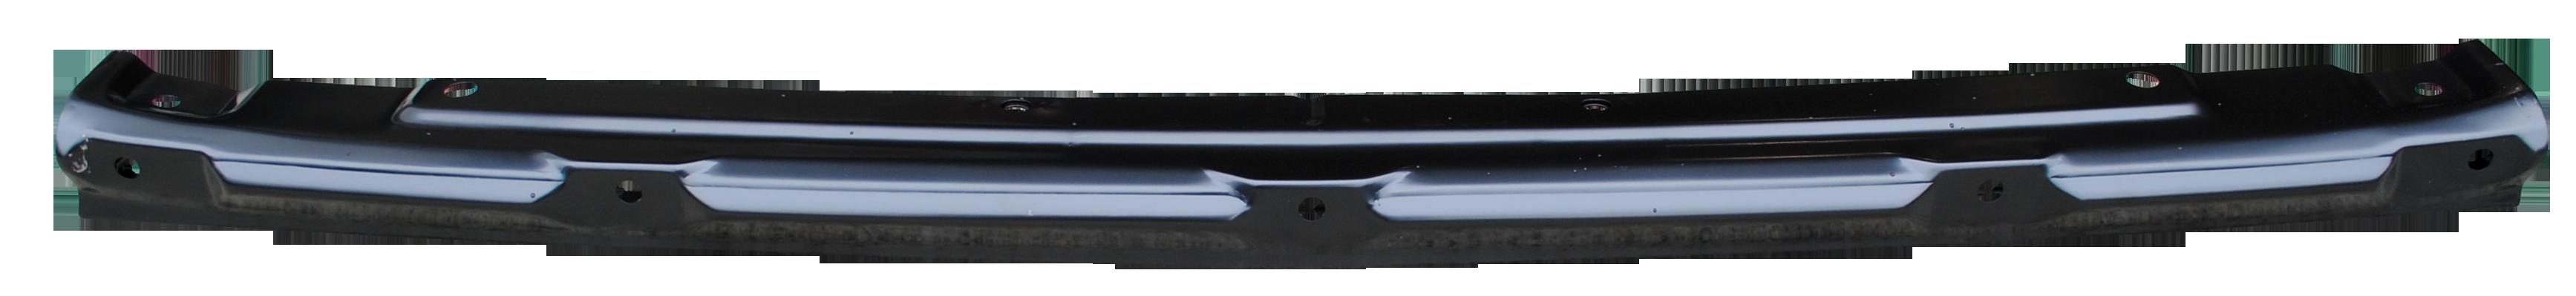 1957- C10 upper grille filler bar